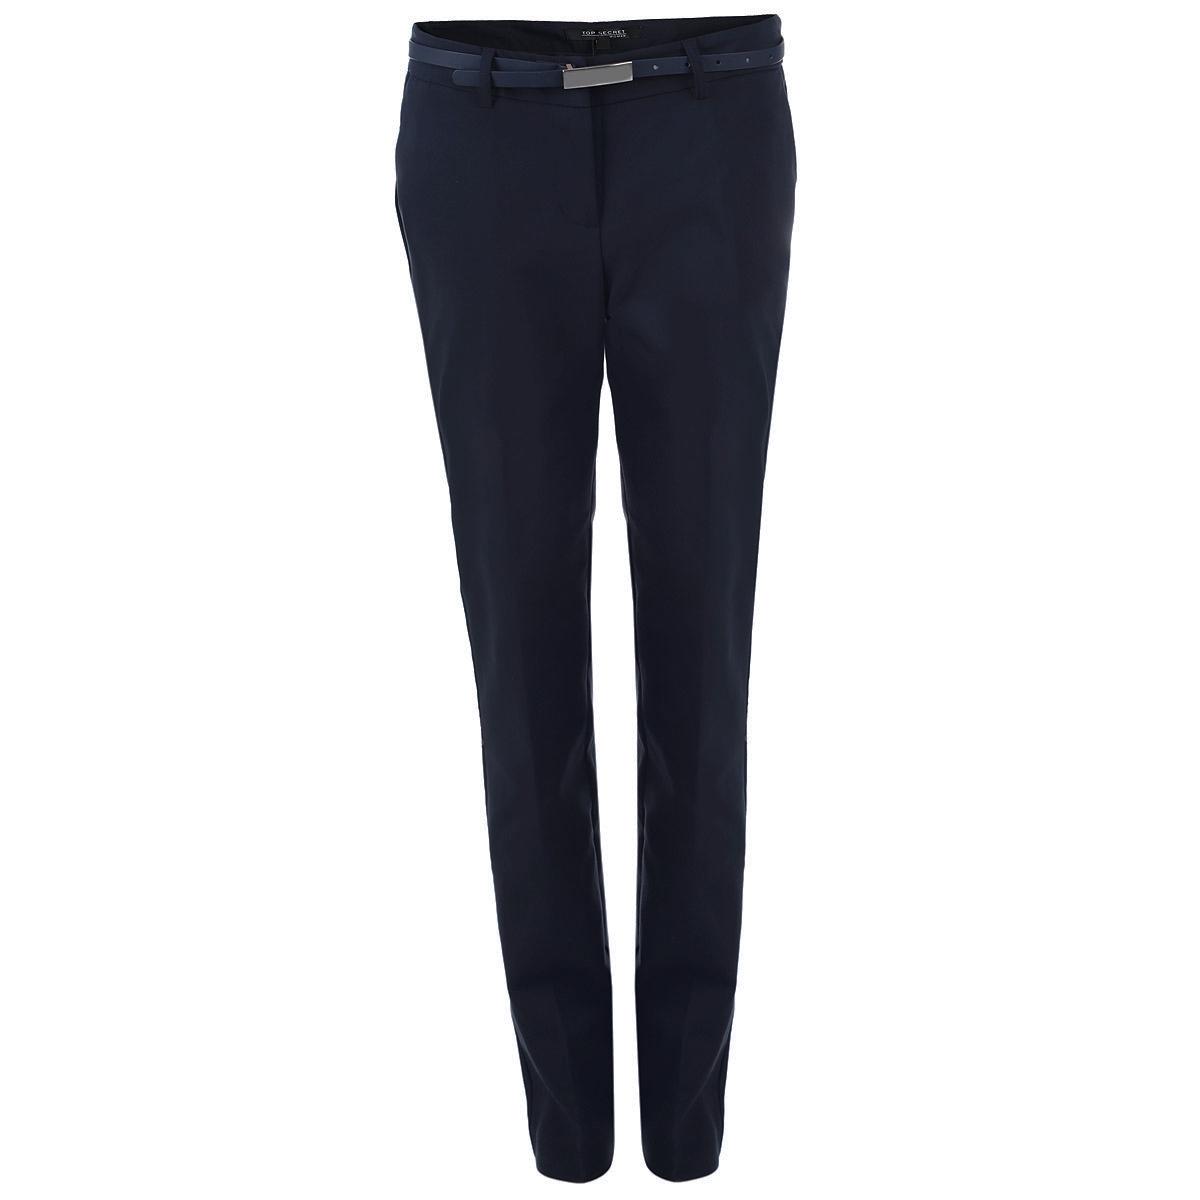 Брюки женские. SSP1979SSP1979GRСтильные женские брюки Top Secret со стрелками созданы специально для того, чтобы подчеркивать достоинства вашей фигуры. Модель прямого кроя и средней посадки станет отличным дополнением к вашему современному образу. Застегиваются брюки на два крючка и пуговицу в поясе и ширинку на застежке-молнии, имеются шлевки для ремня и тонкий ремешок в комплекте. Спереди модель оформлена двумя втачными карманами с косыми срезами, а сзади - имитацией прорезных кармашков. Эти модные и в тоже время комфортные брюки послужат отличным дополнением к вашему гардеробу. В них вы всегда будете чувствовать себя уютно и комфортно.